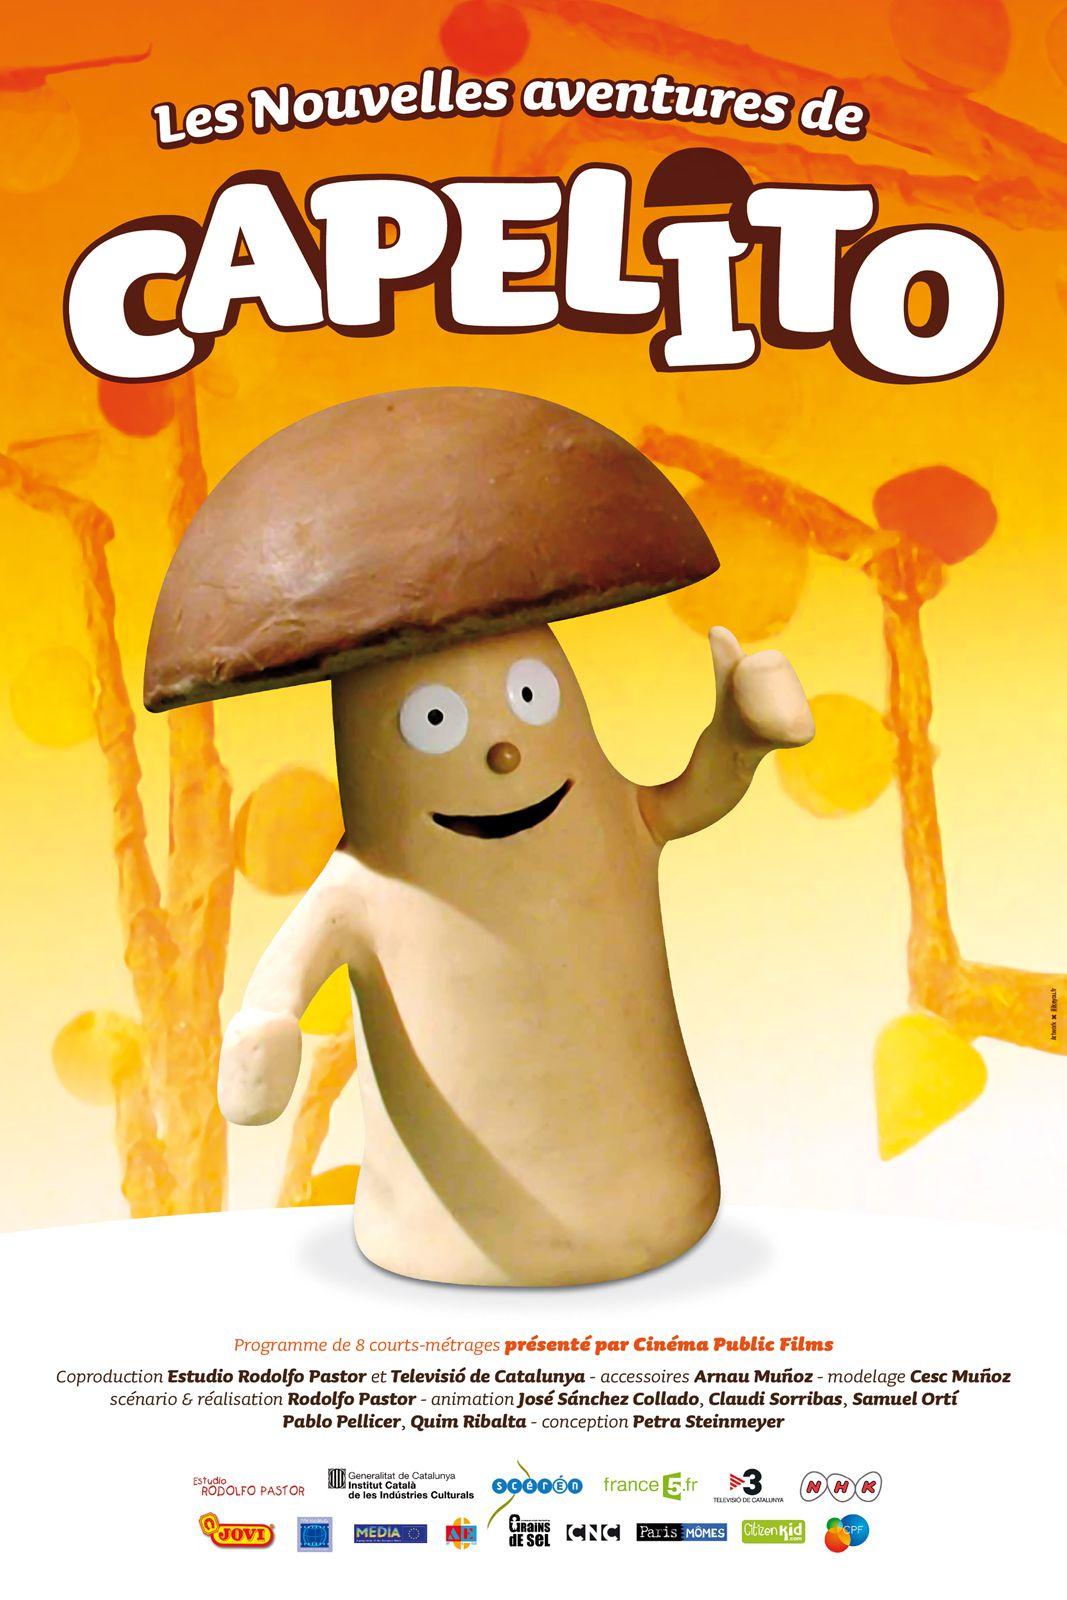 Les Nouvelles aventures de Capelito - Film (2012)